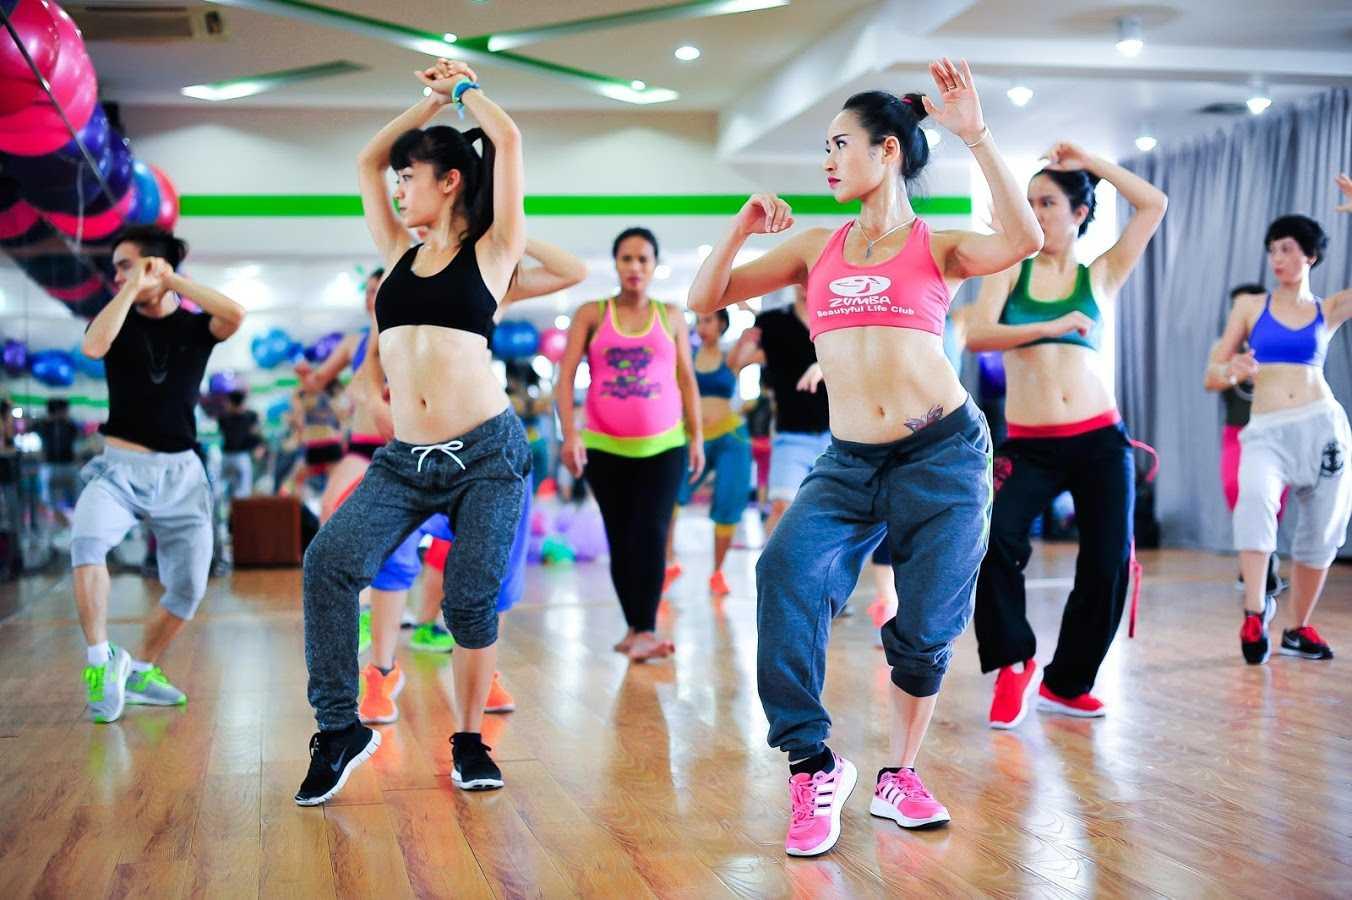 Зумба для похудения: упражнения, отзывы и результаты, противопоказания - похудейкина